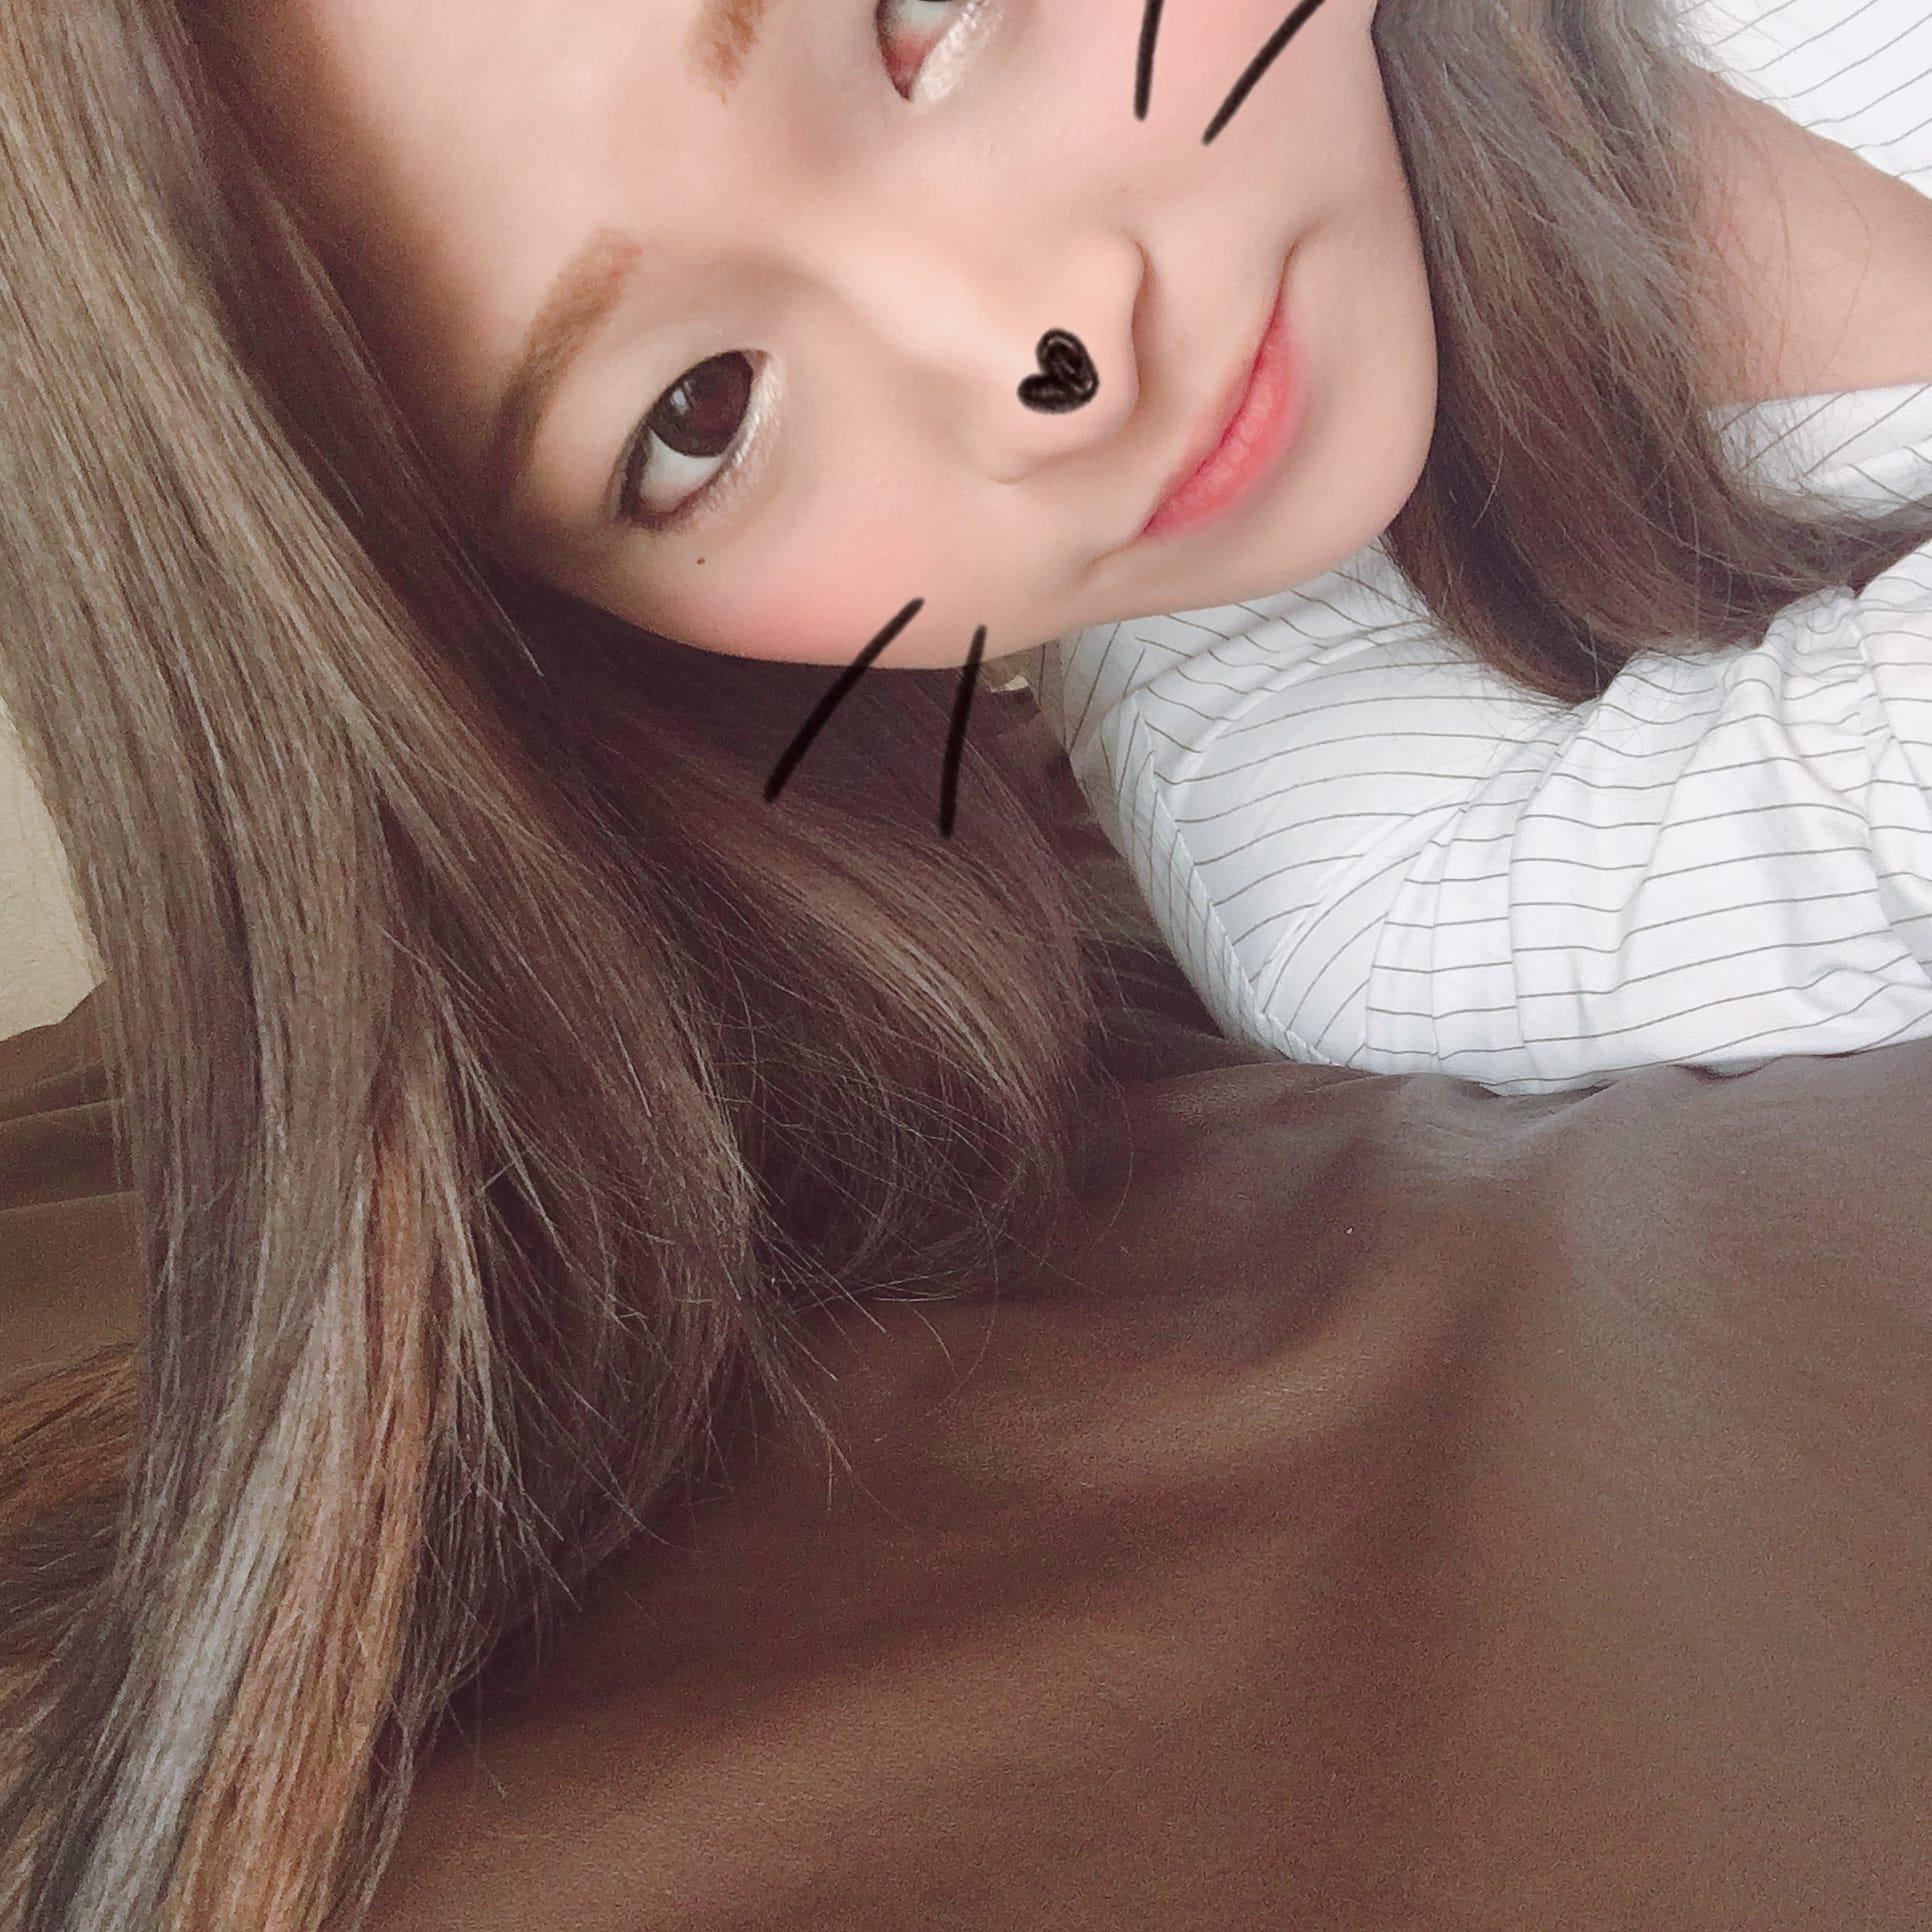 「出勤ヽ(*^ω^*)ノ」04/17(04/17) 15:44 | 【ニューハーフ】桜庭愛花の写メ・風俗動画